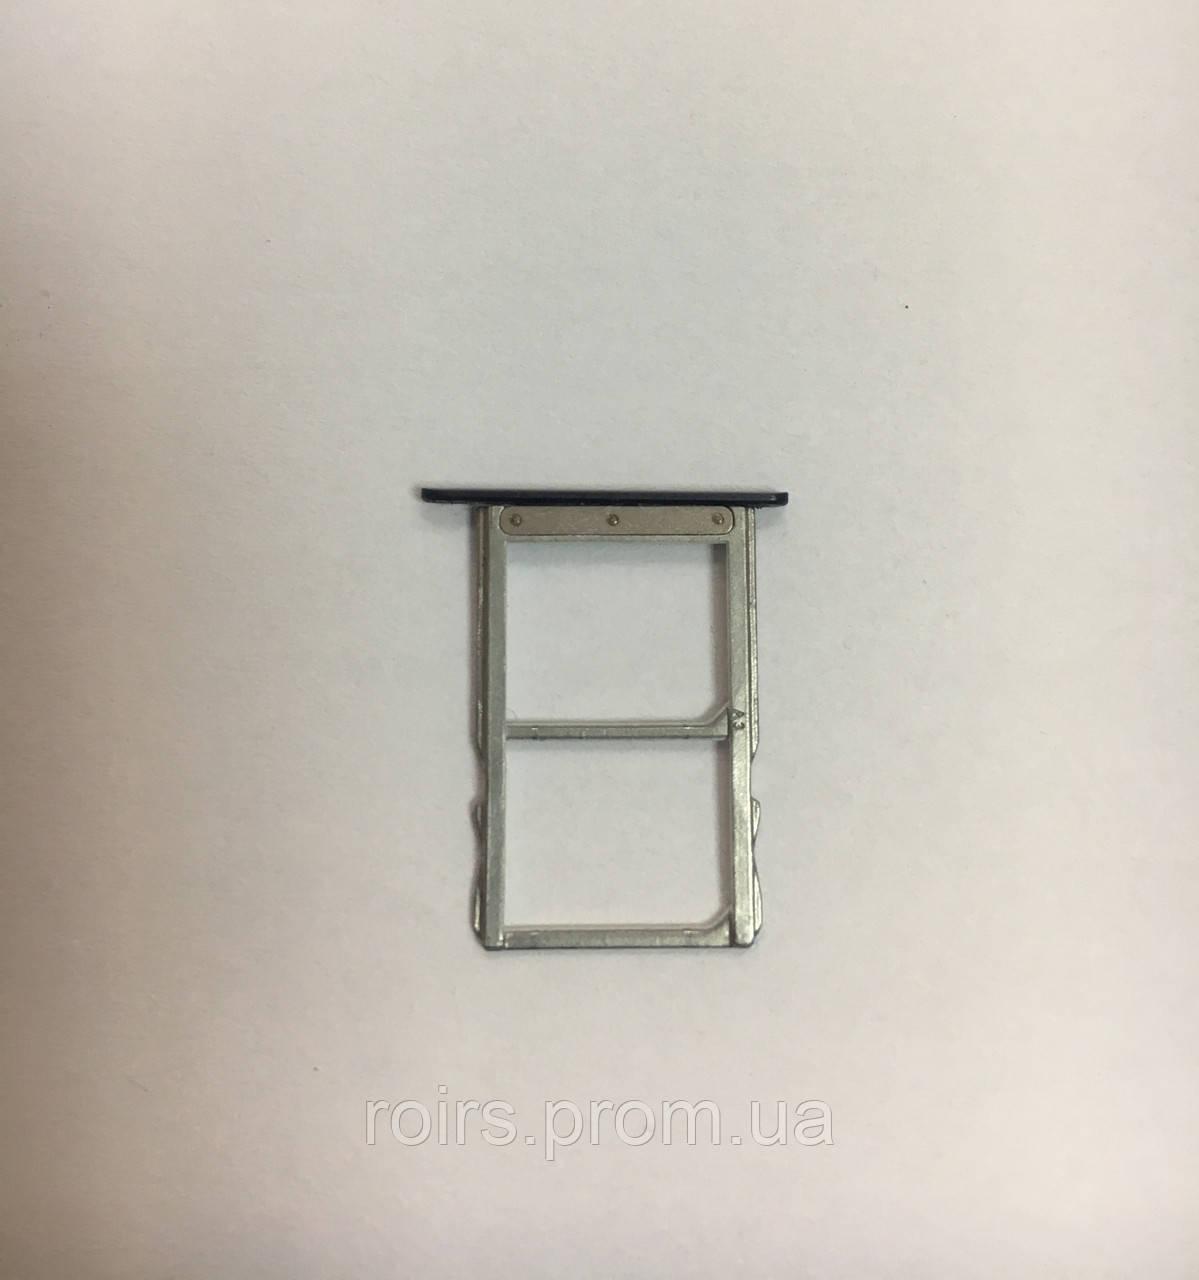 Держатель сим карты Meizu Pro 6 orig Б/У